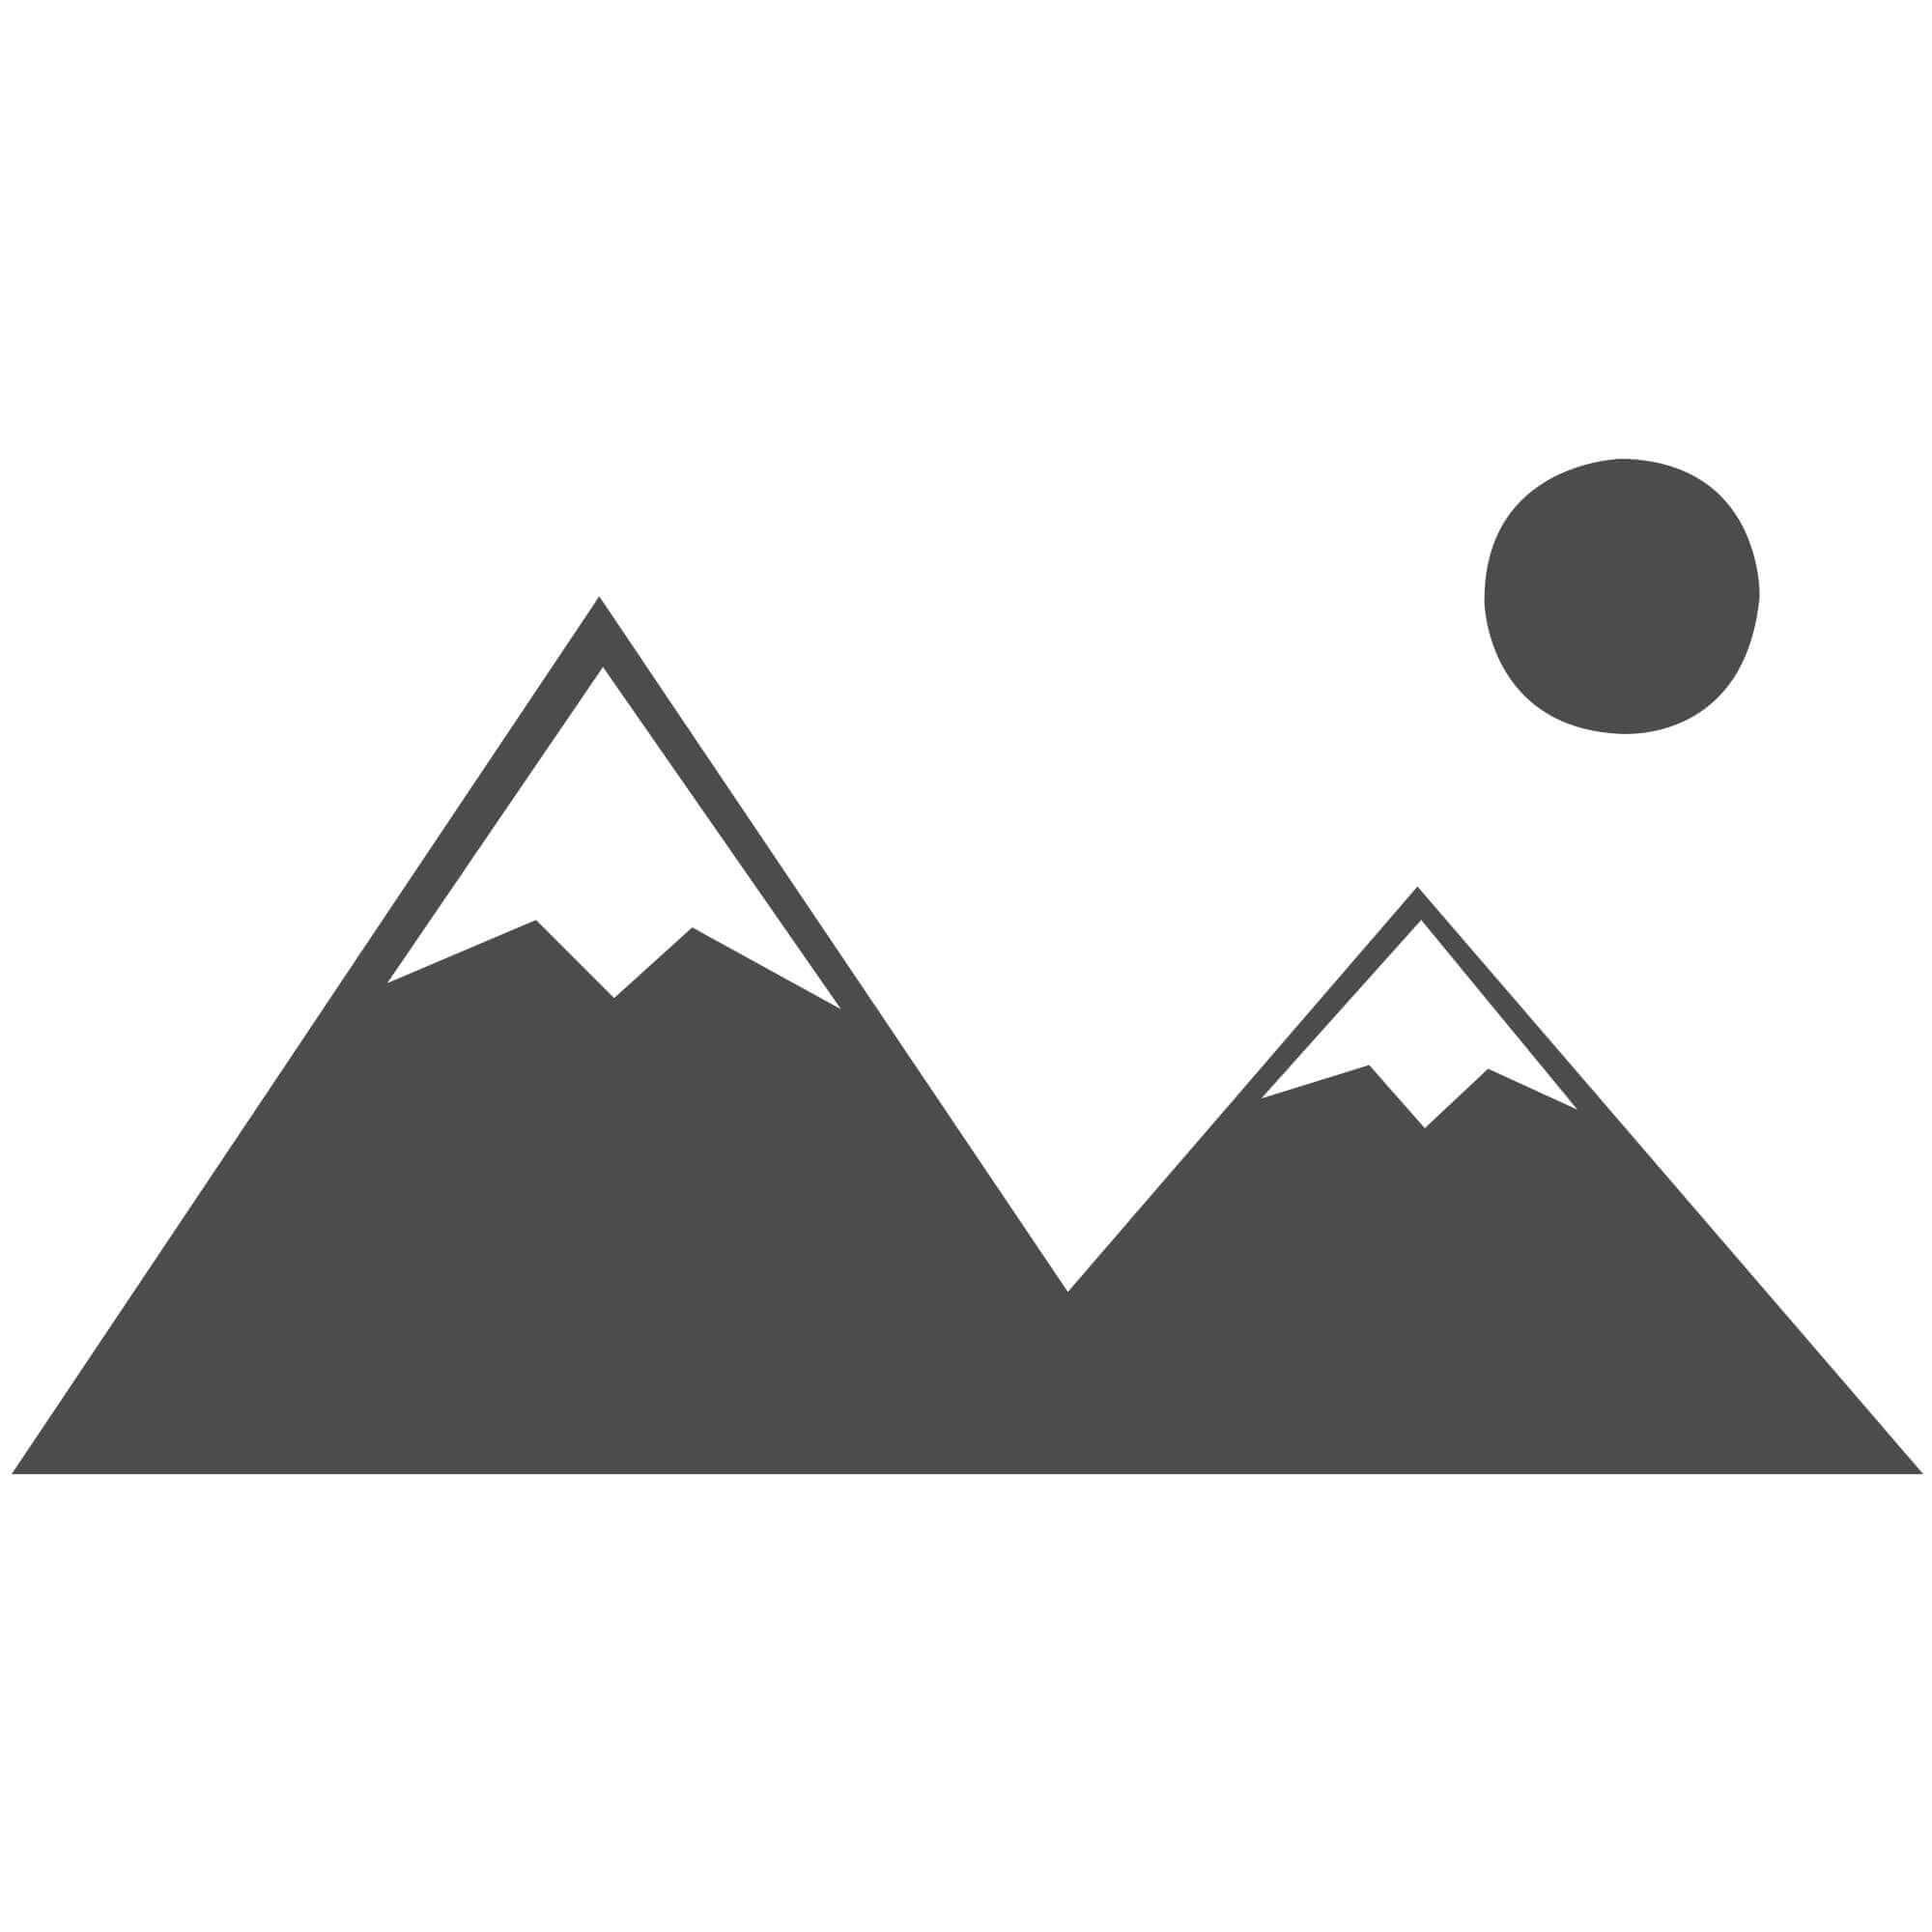 """Galleria Rug - Squares 63244 6474 - Size 133 x 195 cm (4'4"""" x 6'5"""")"""